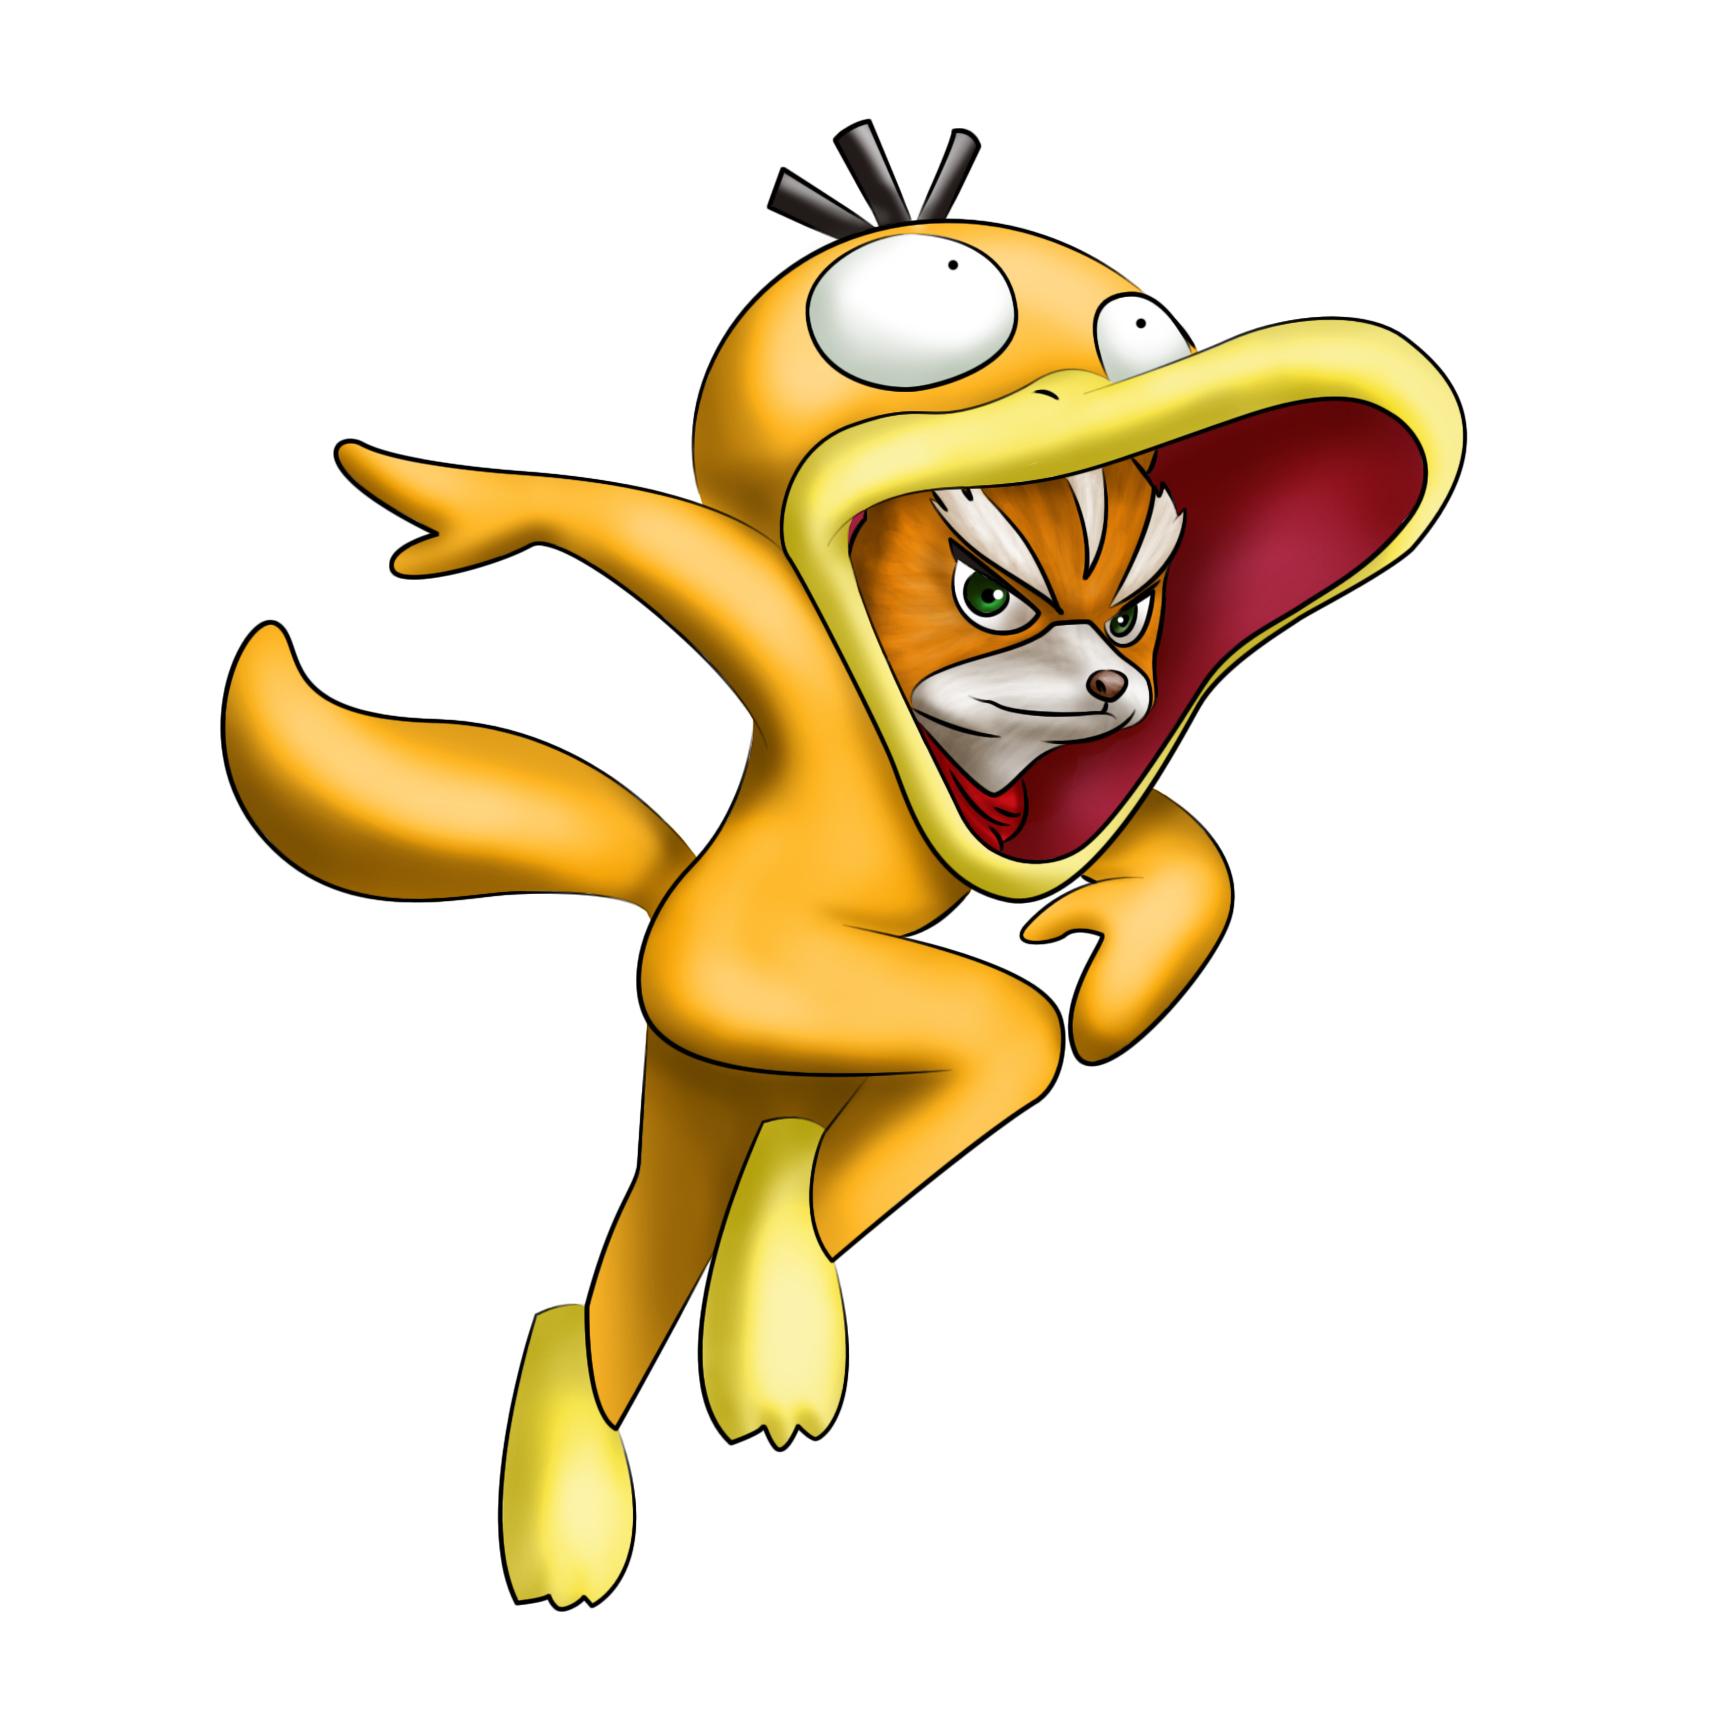 rgb_pokemoncostumenintendo_05